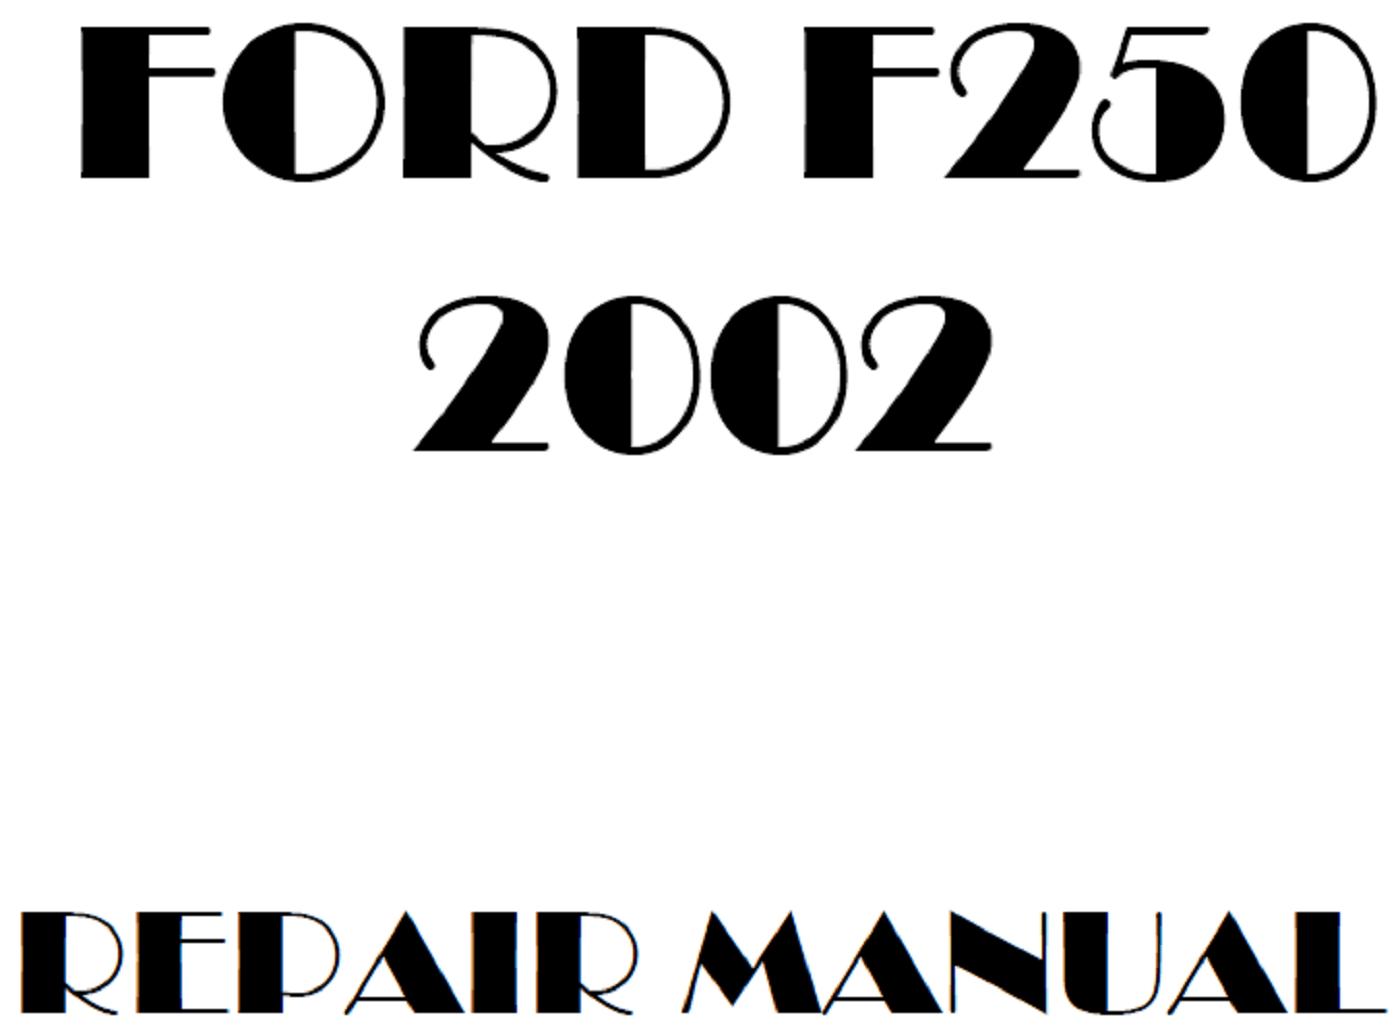 2002 Ford F250 F350 F450 F550 repair manual